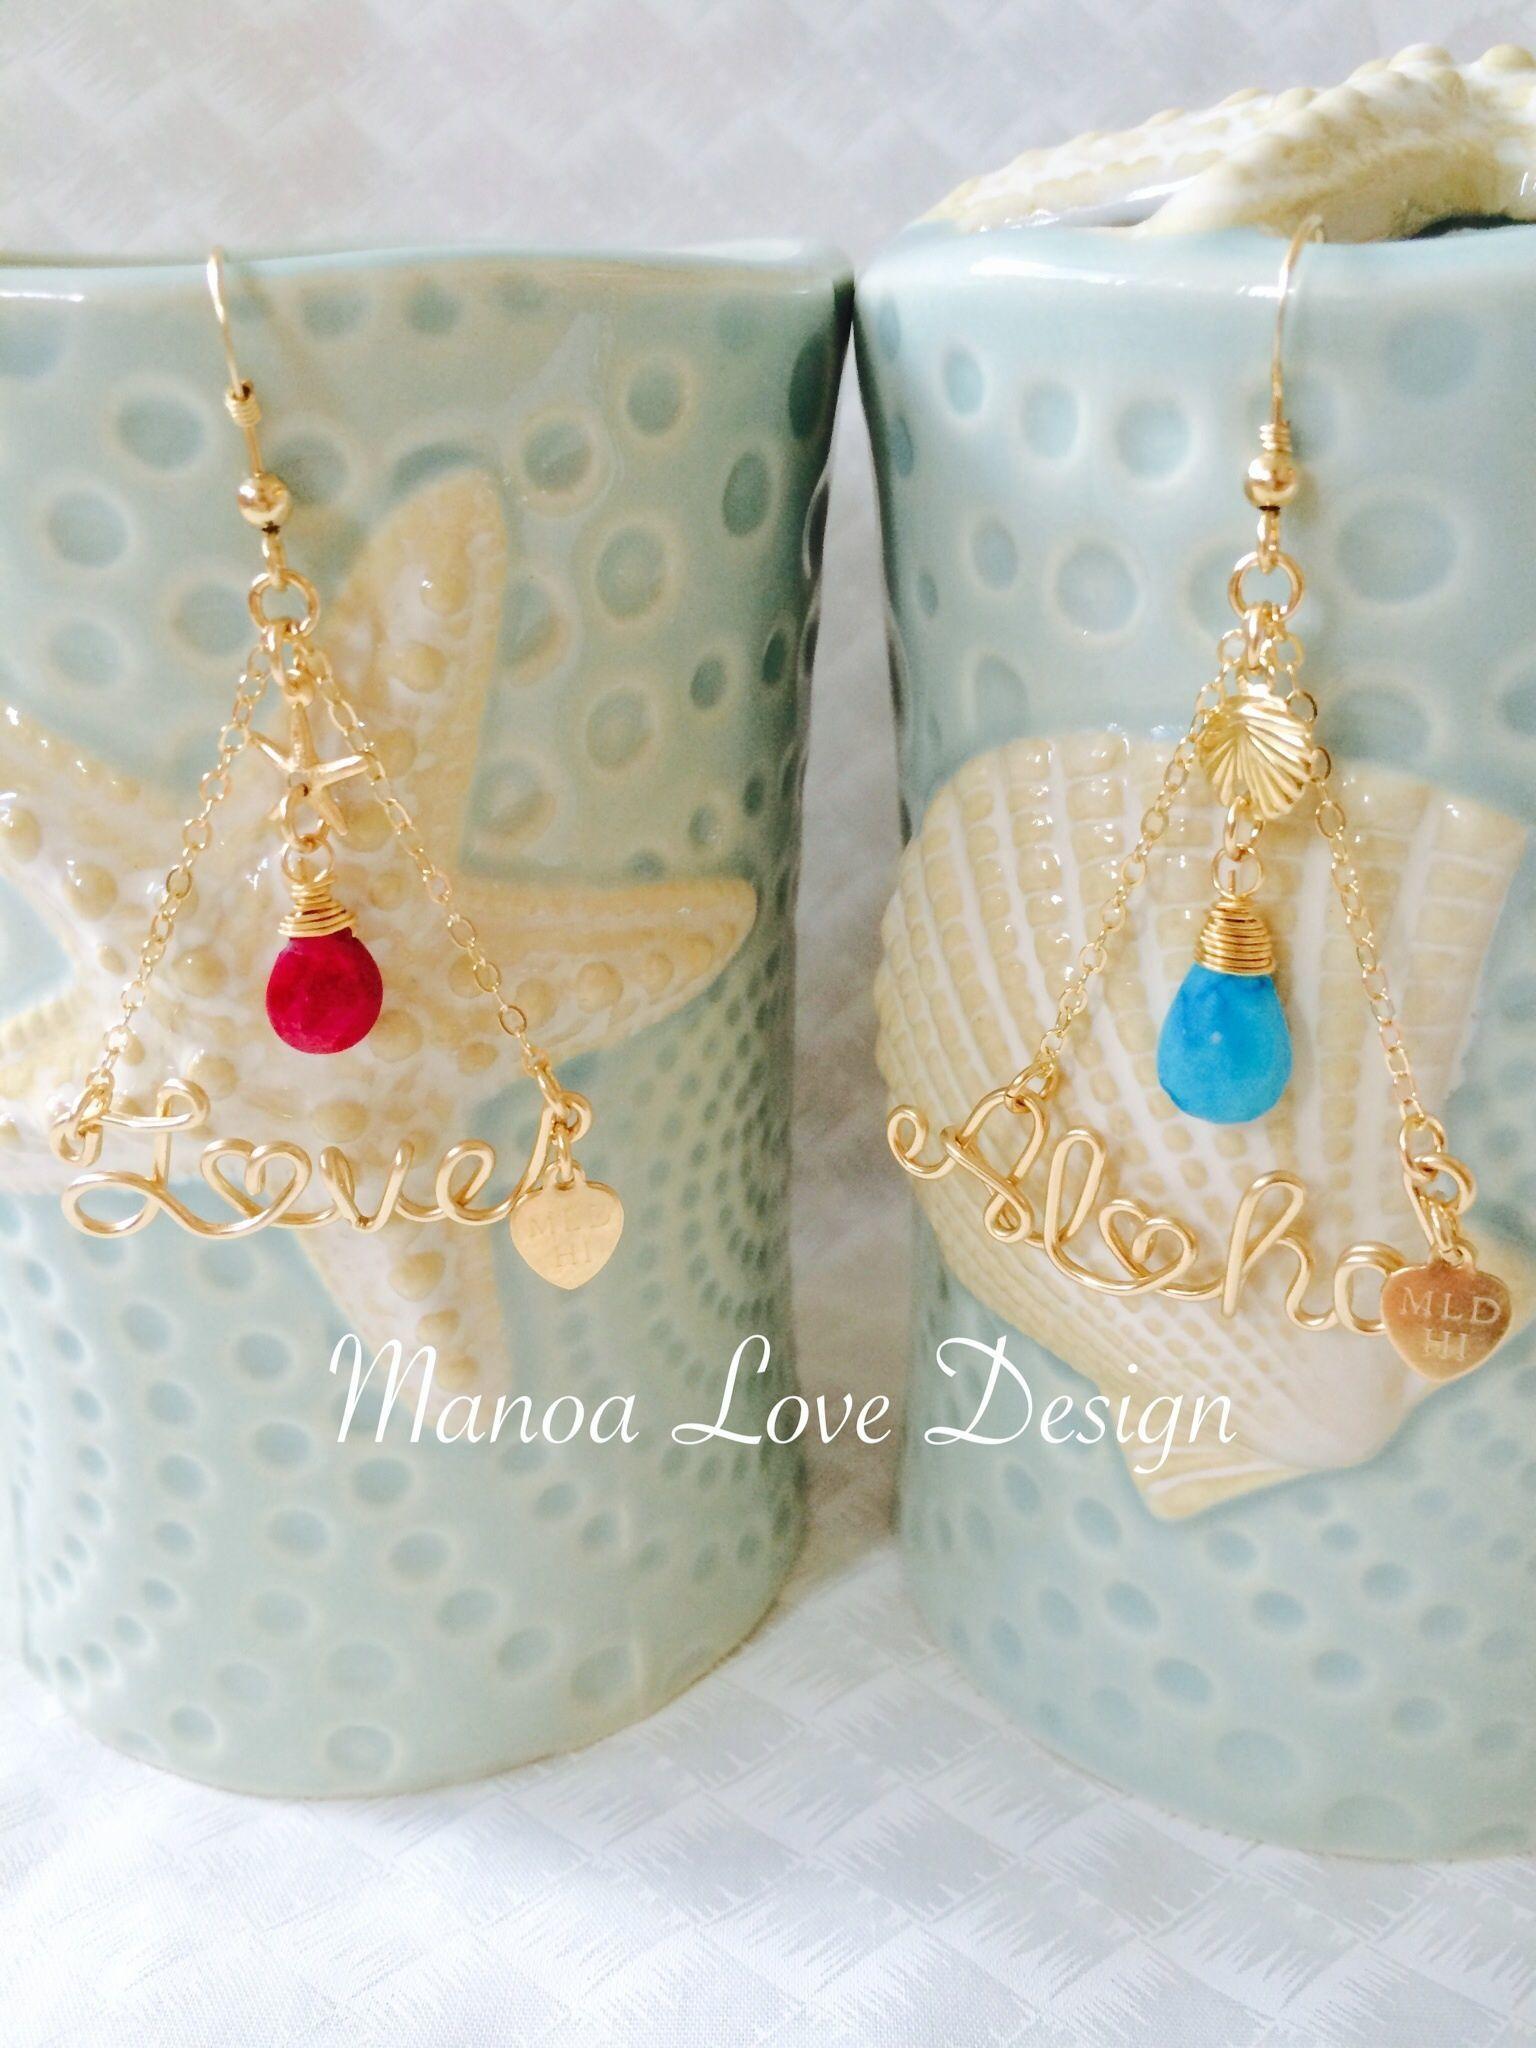 Manoa Love Design/ 14K gf カスタムネーム バースストーンピアス